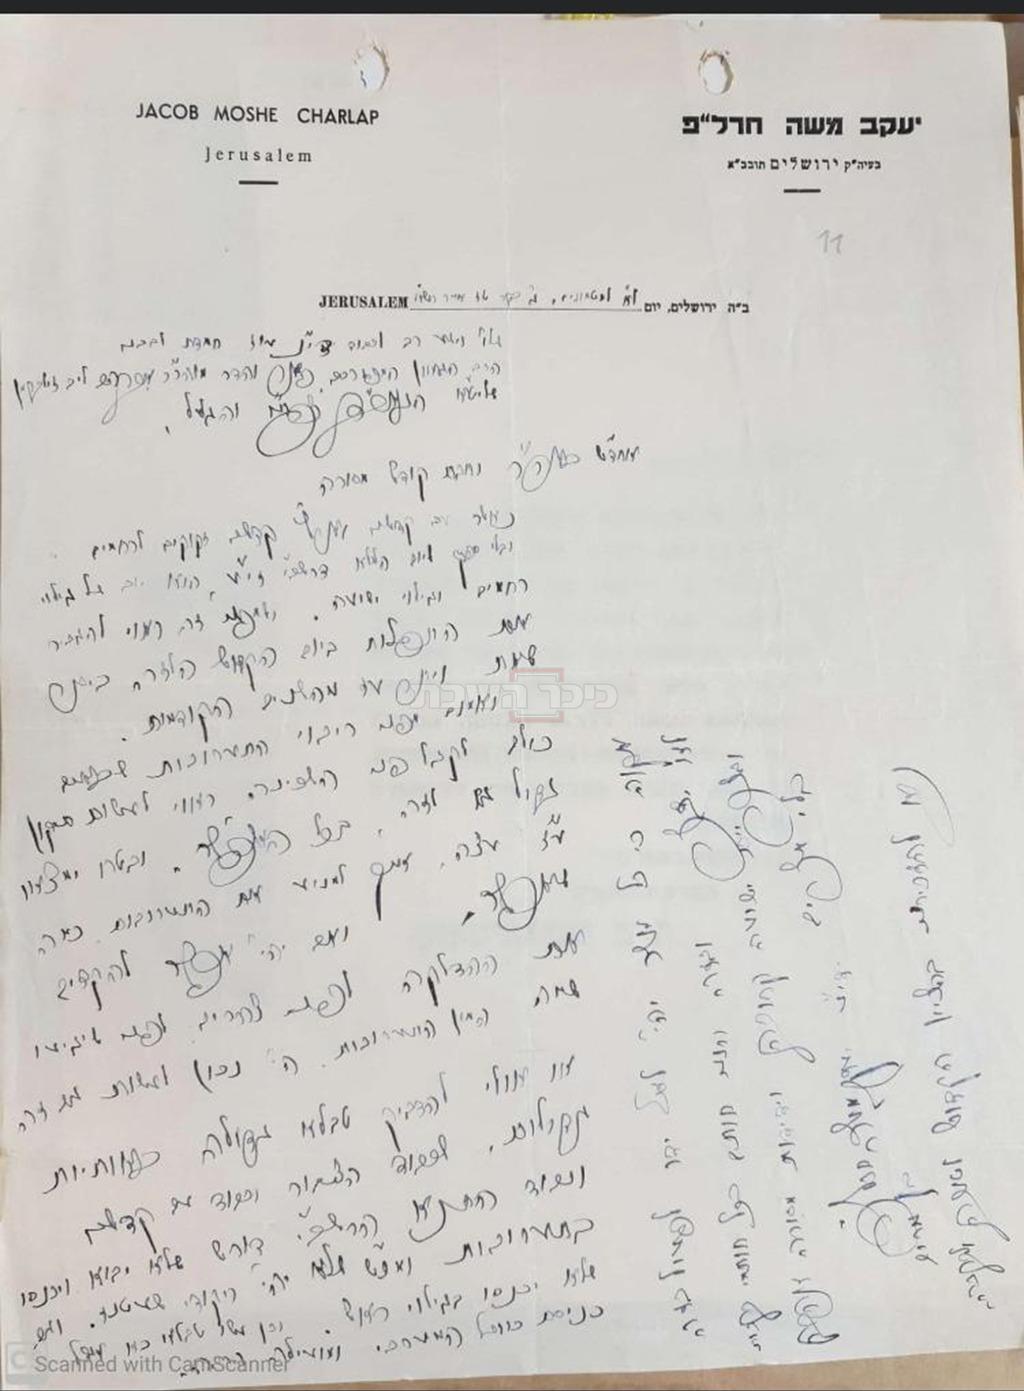 מכתבו של הגר''מ חרל''פ כנגד תערובות המינים וריקודי השעטנז במרון בזמנו (ארכיון המדינה)